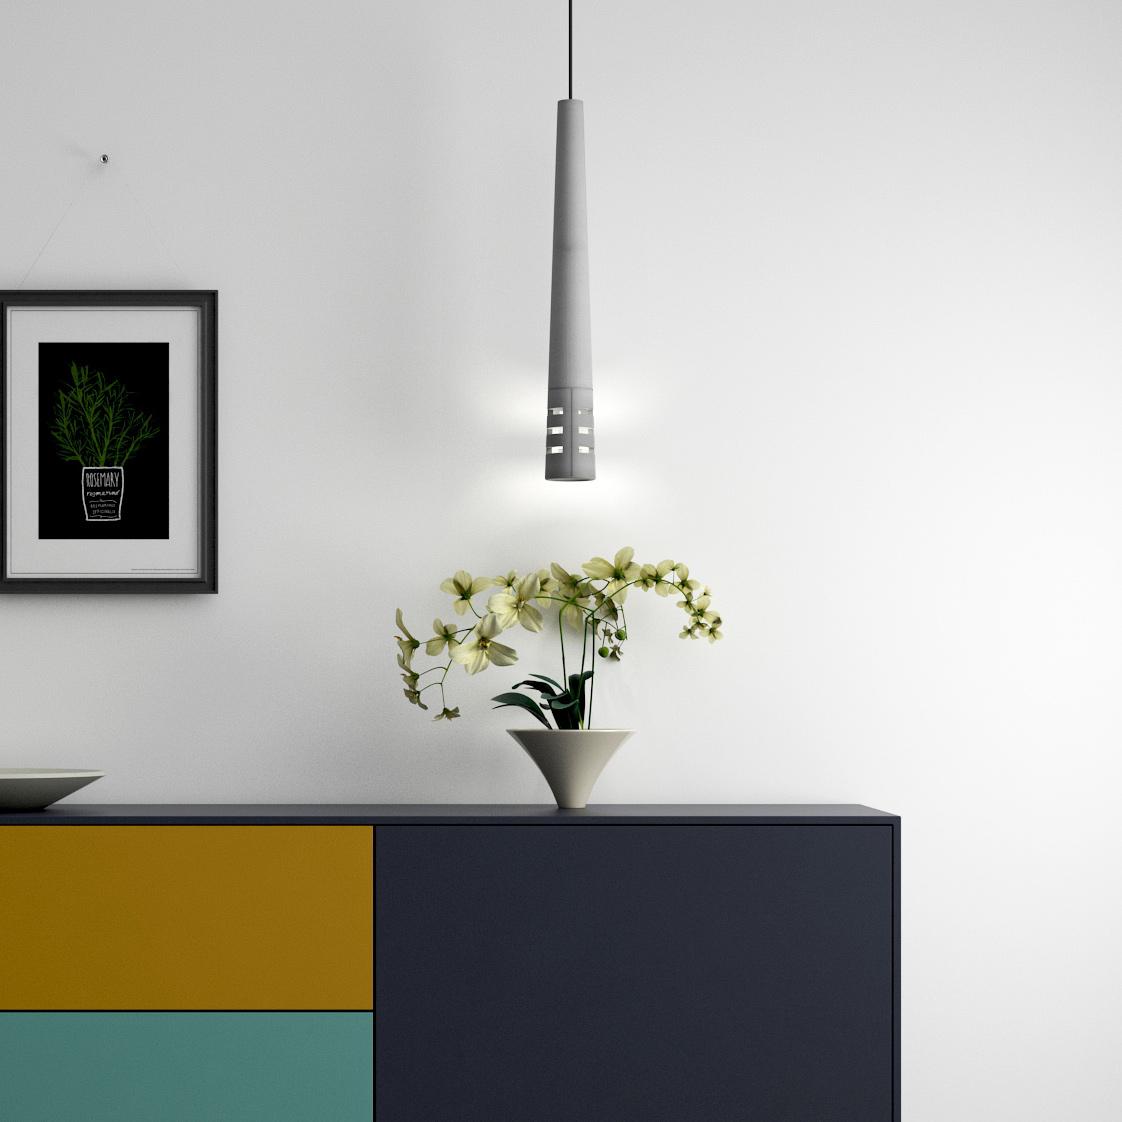 Schmale, Lange Beton Pendelleuchten (60 Cm) In Zwei Varianten Von Design